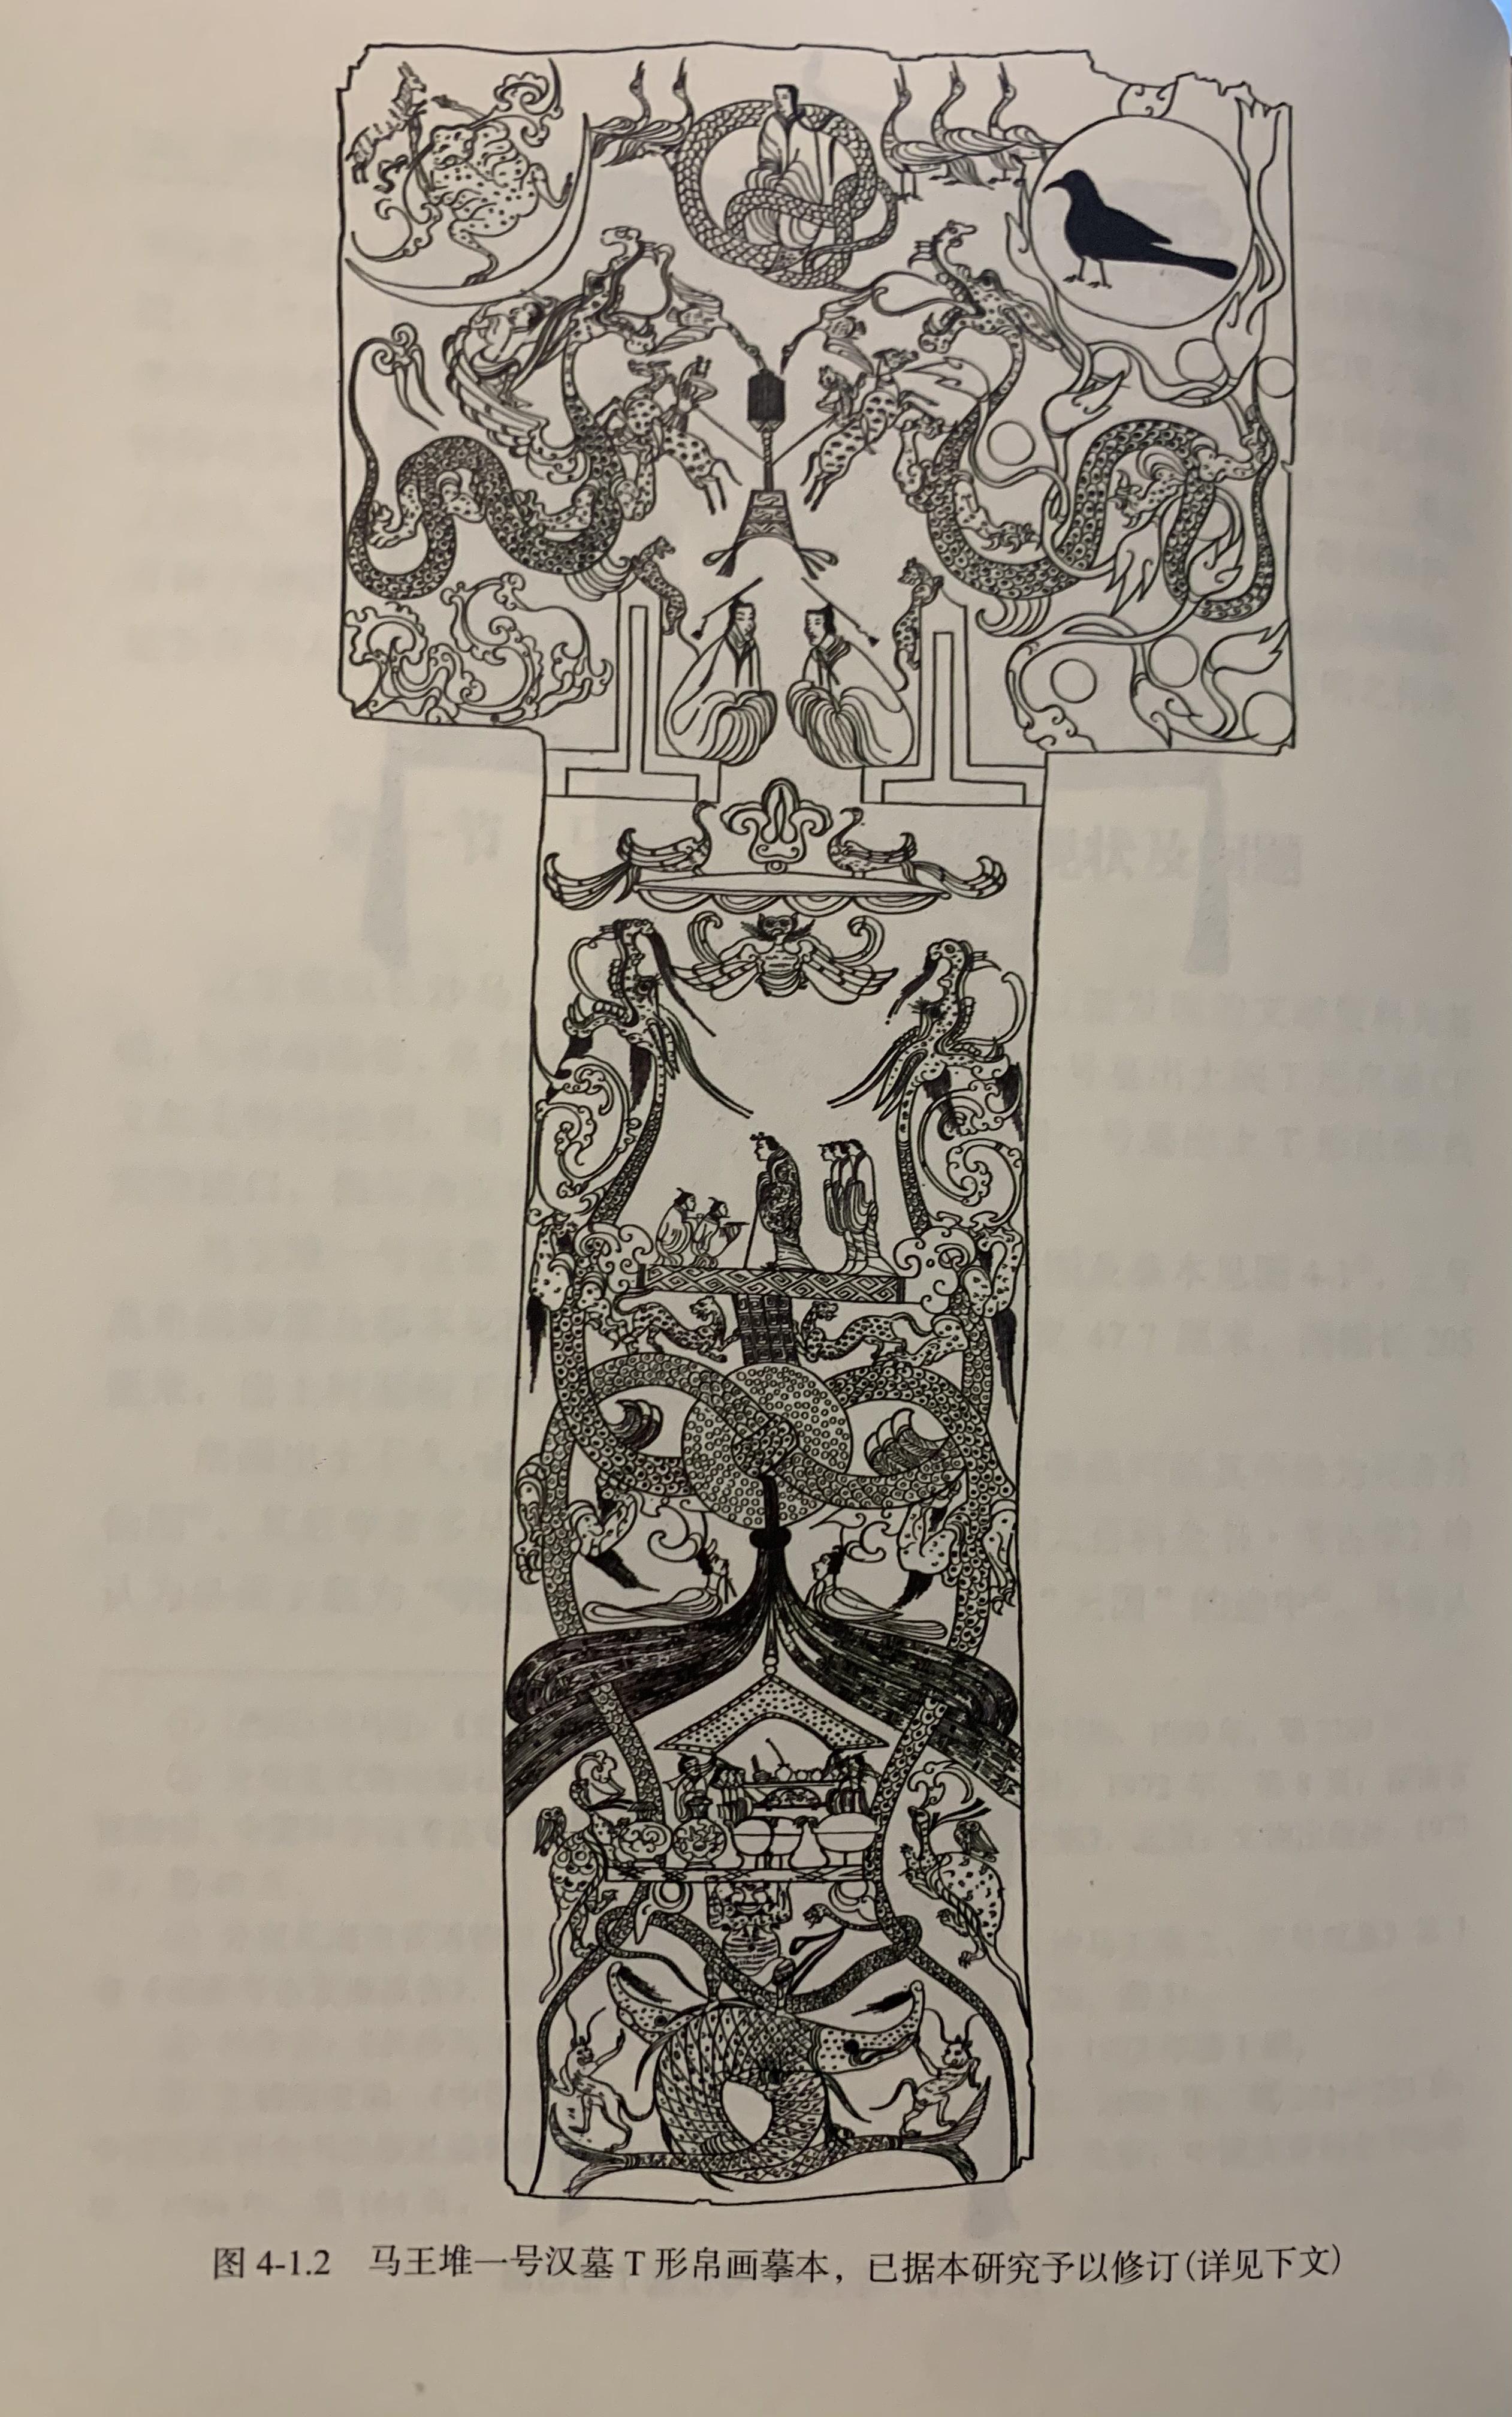 马王堆T形帛画线稿